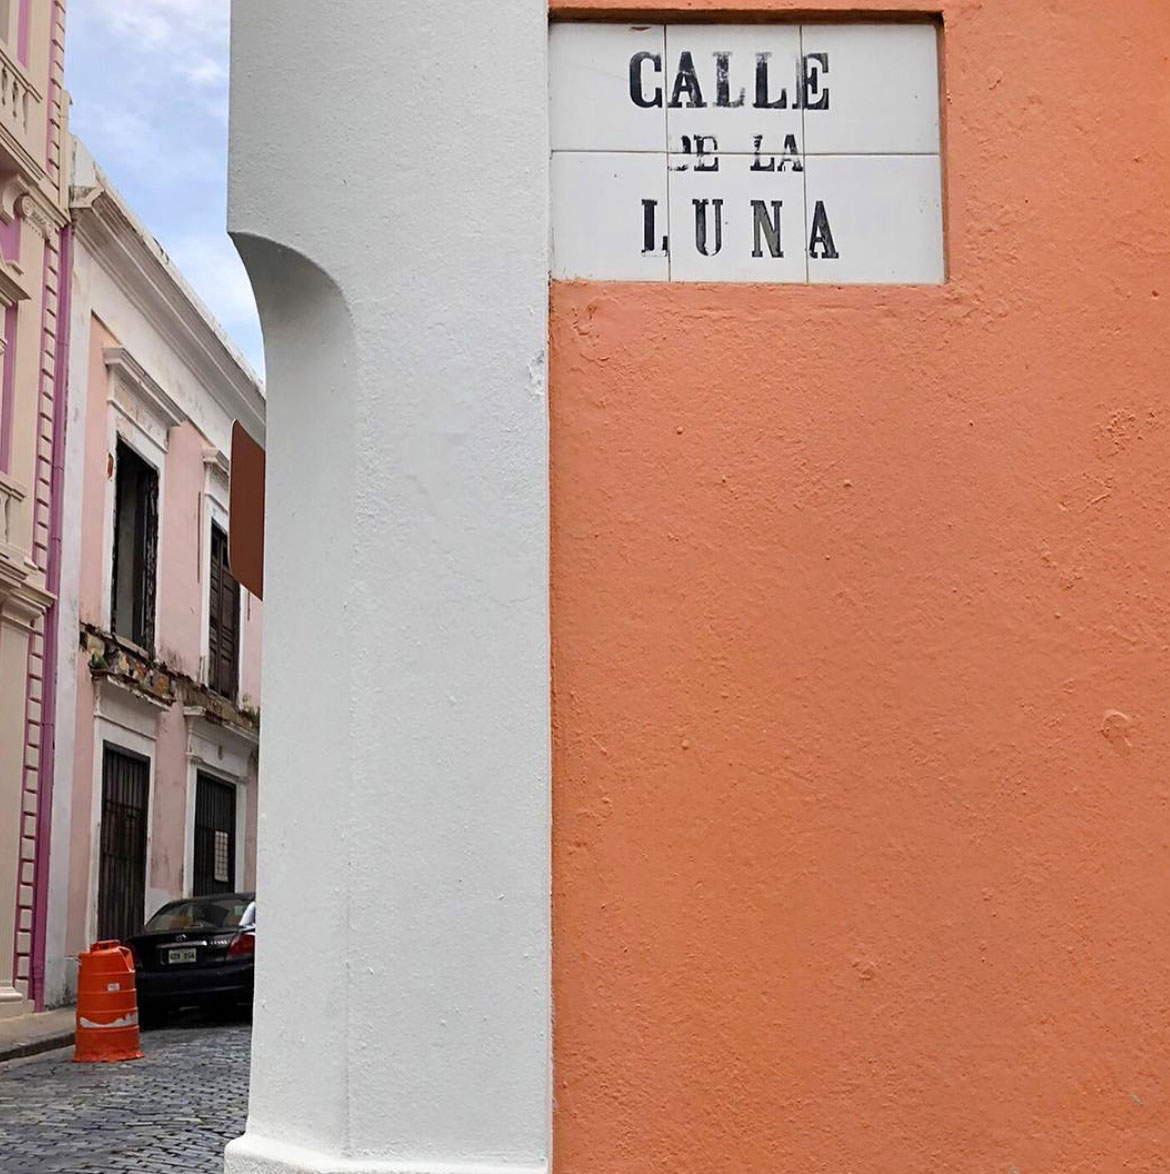 Calle de la Luna, San Juan, Puerto Rico